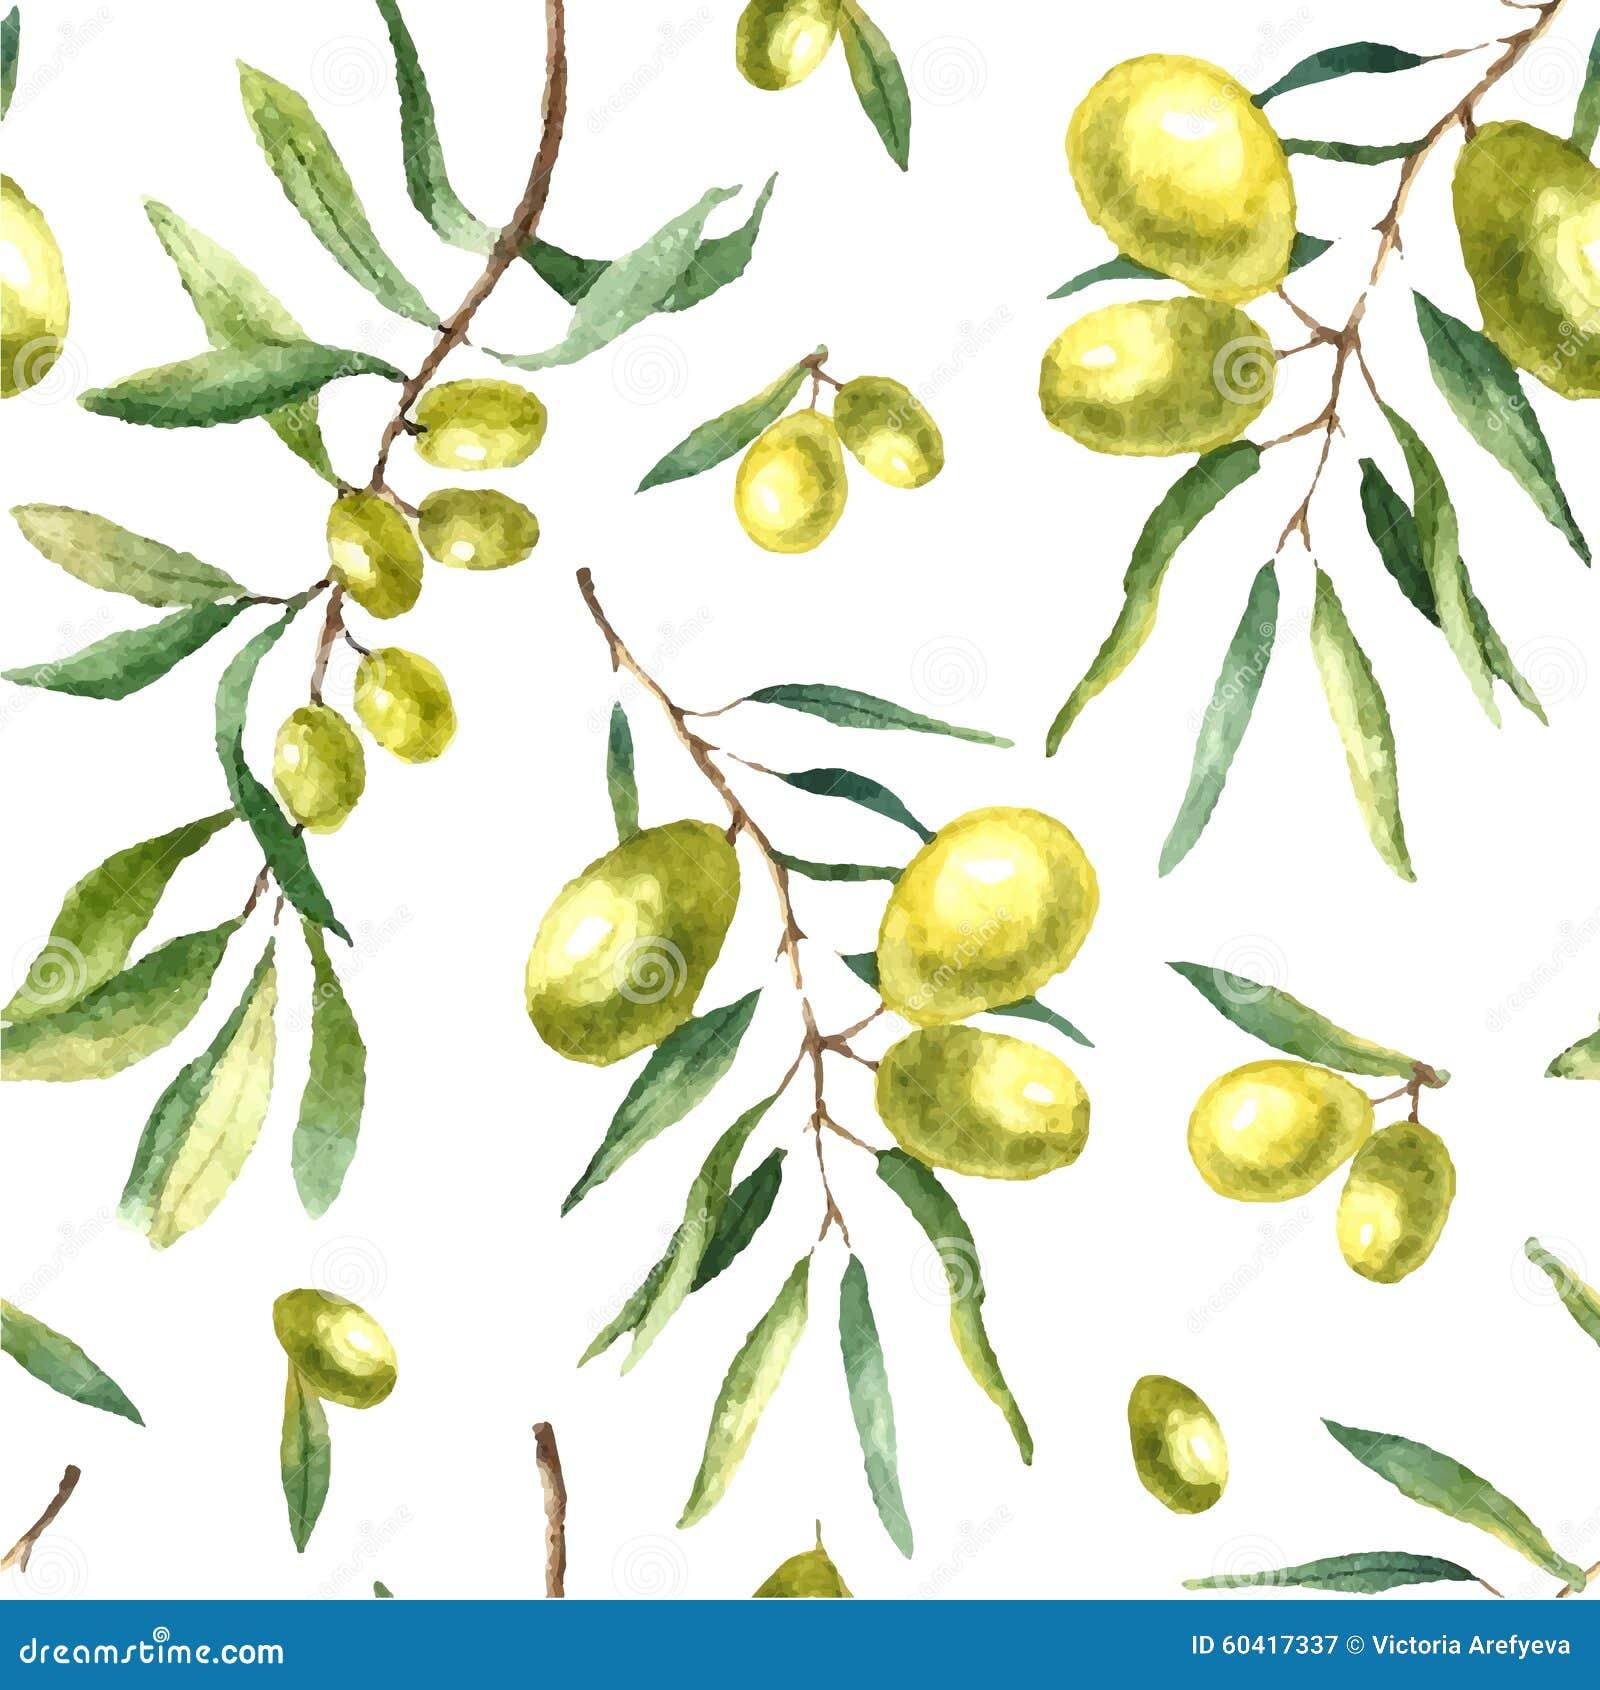 的花卉纹理:绿橄榄图片